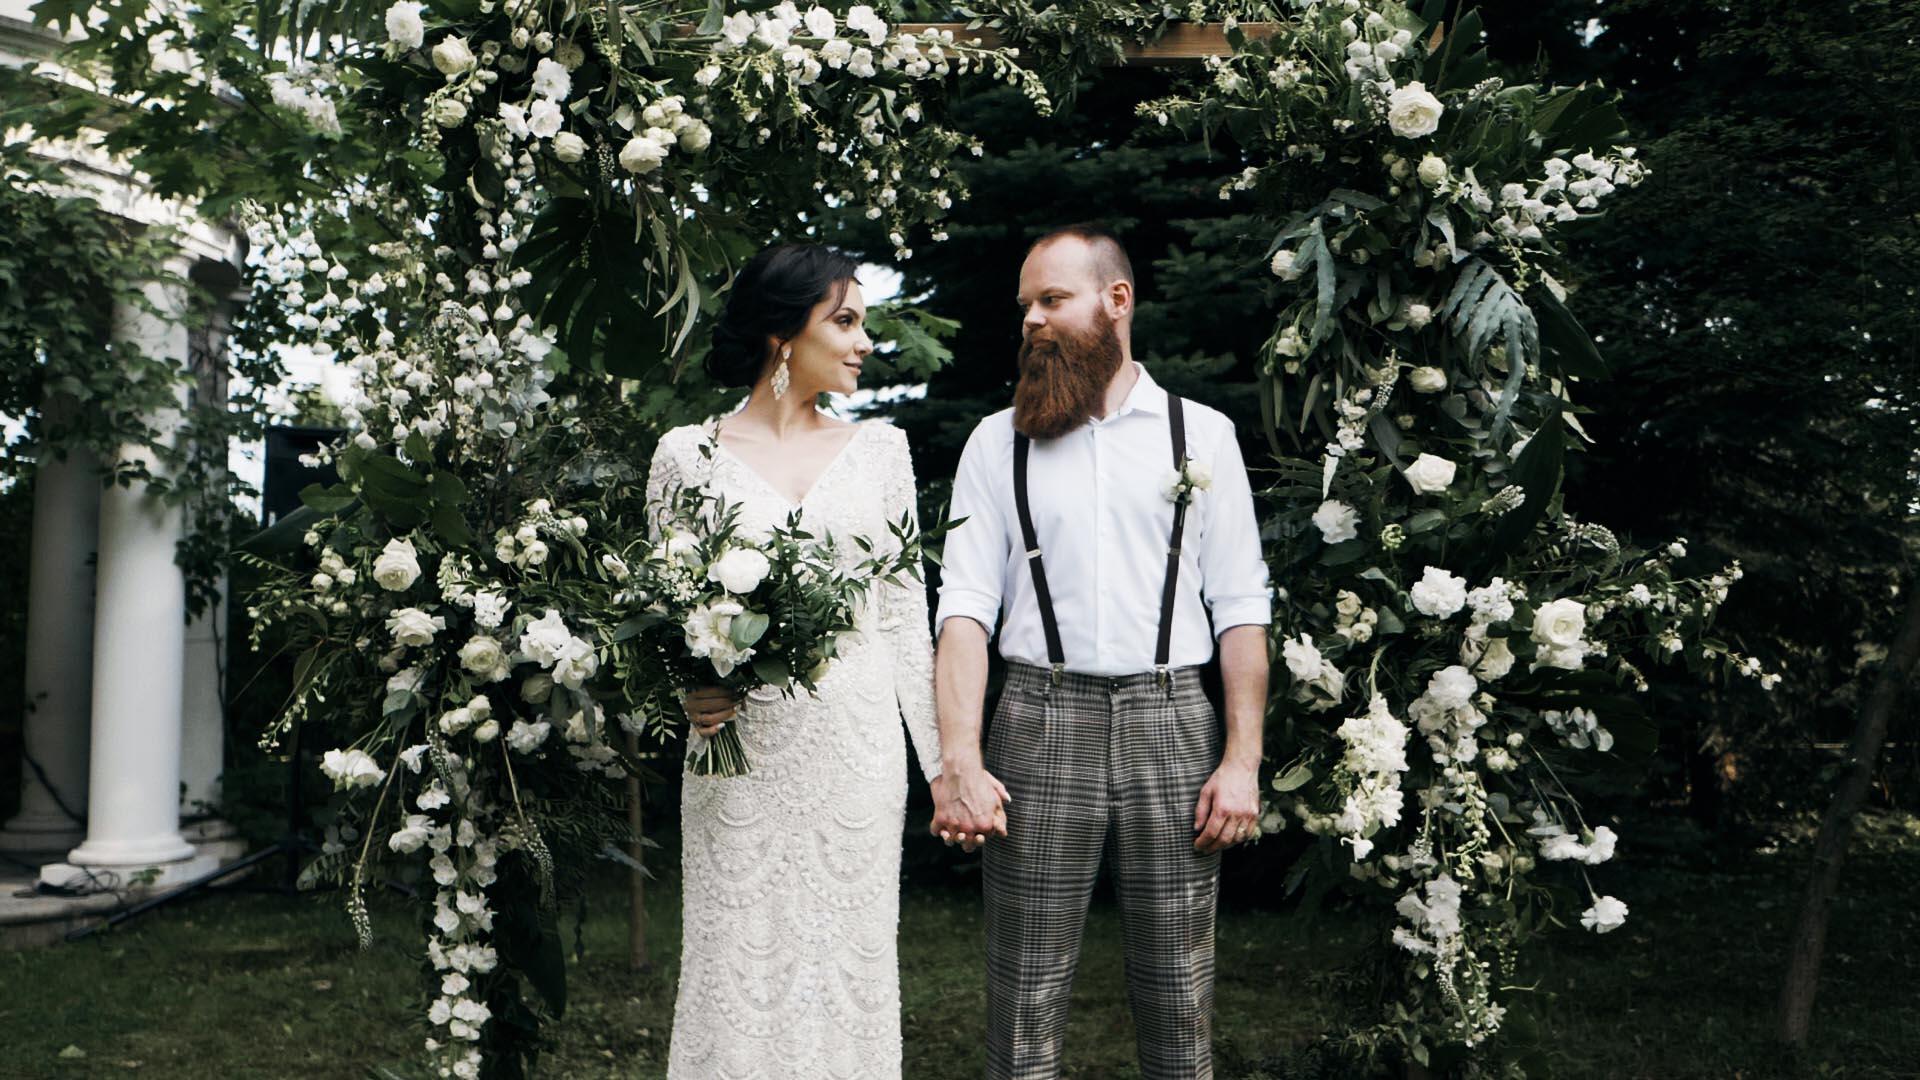 slub-humanistyczny-w-ogrodzie-warszawa-hipster-wedding (1).jpg